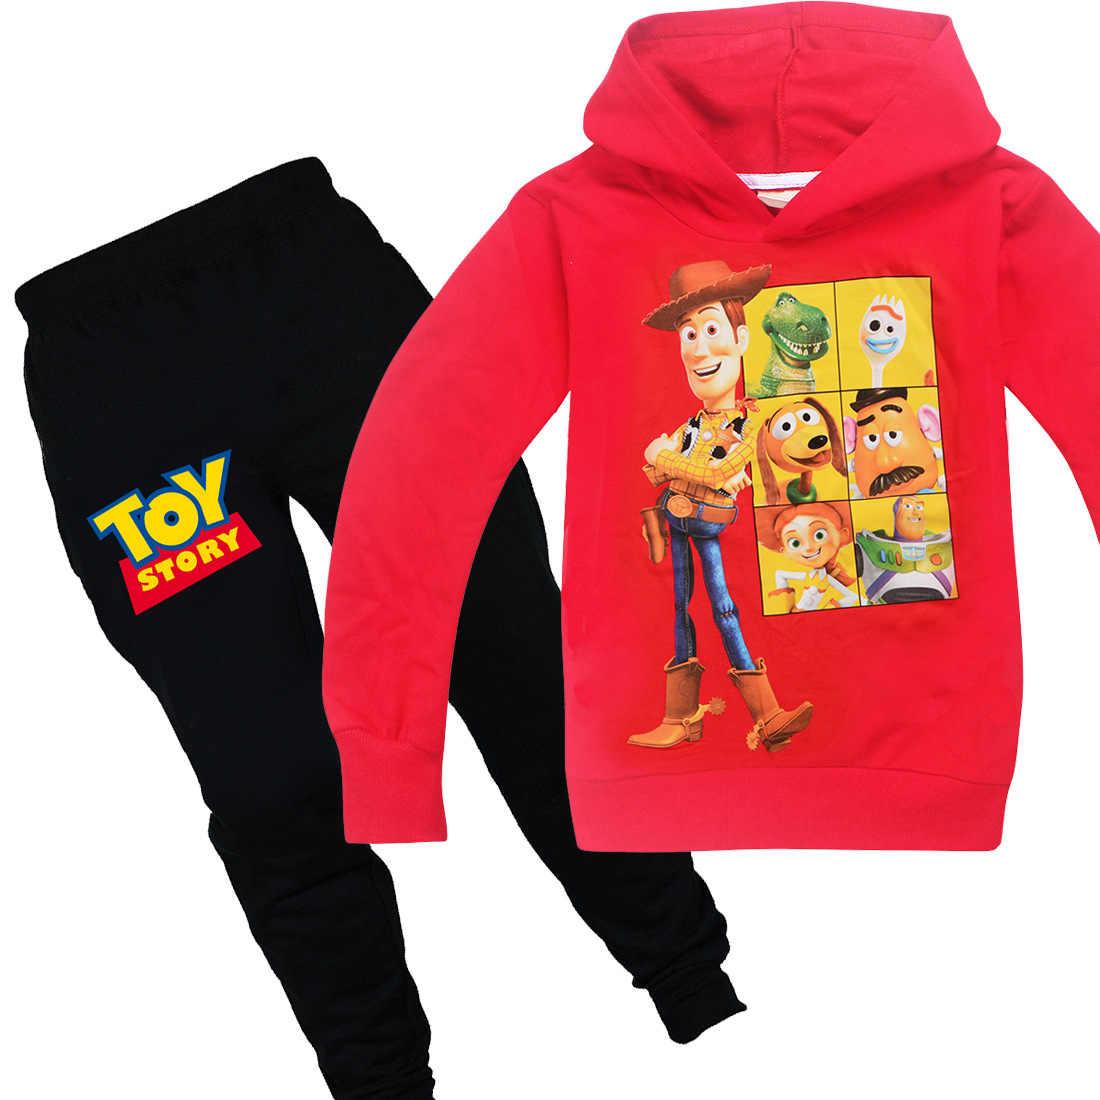 Crianças outono inverno brinquedo história 4 roupas amadeiradas conjunto para meninos 100% algodão manga longa dos desenhos animados com capuz jaqueta + calças agasalho outfits